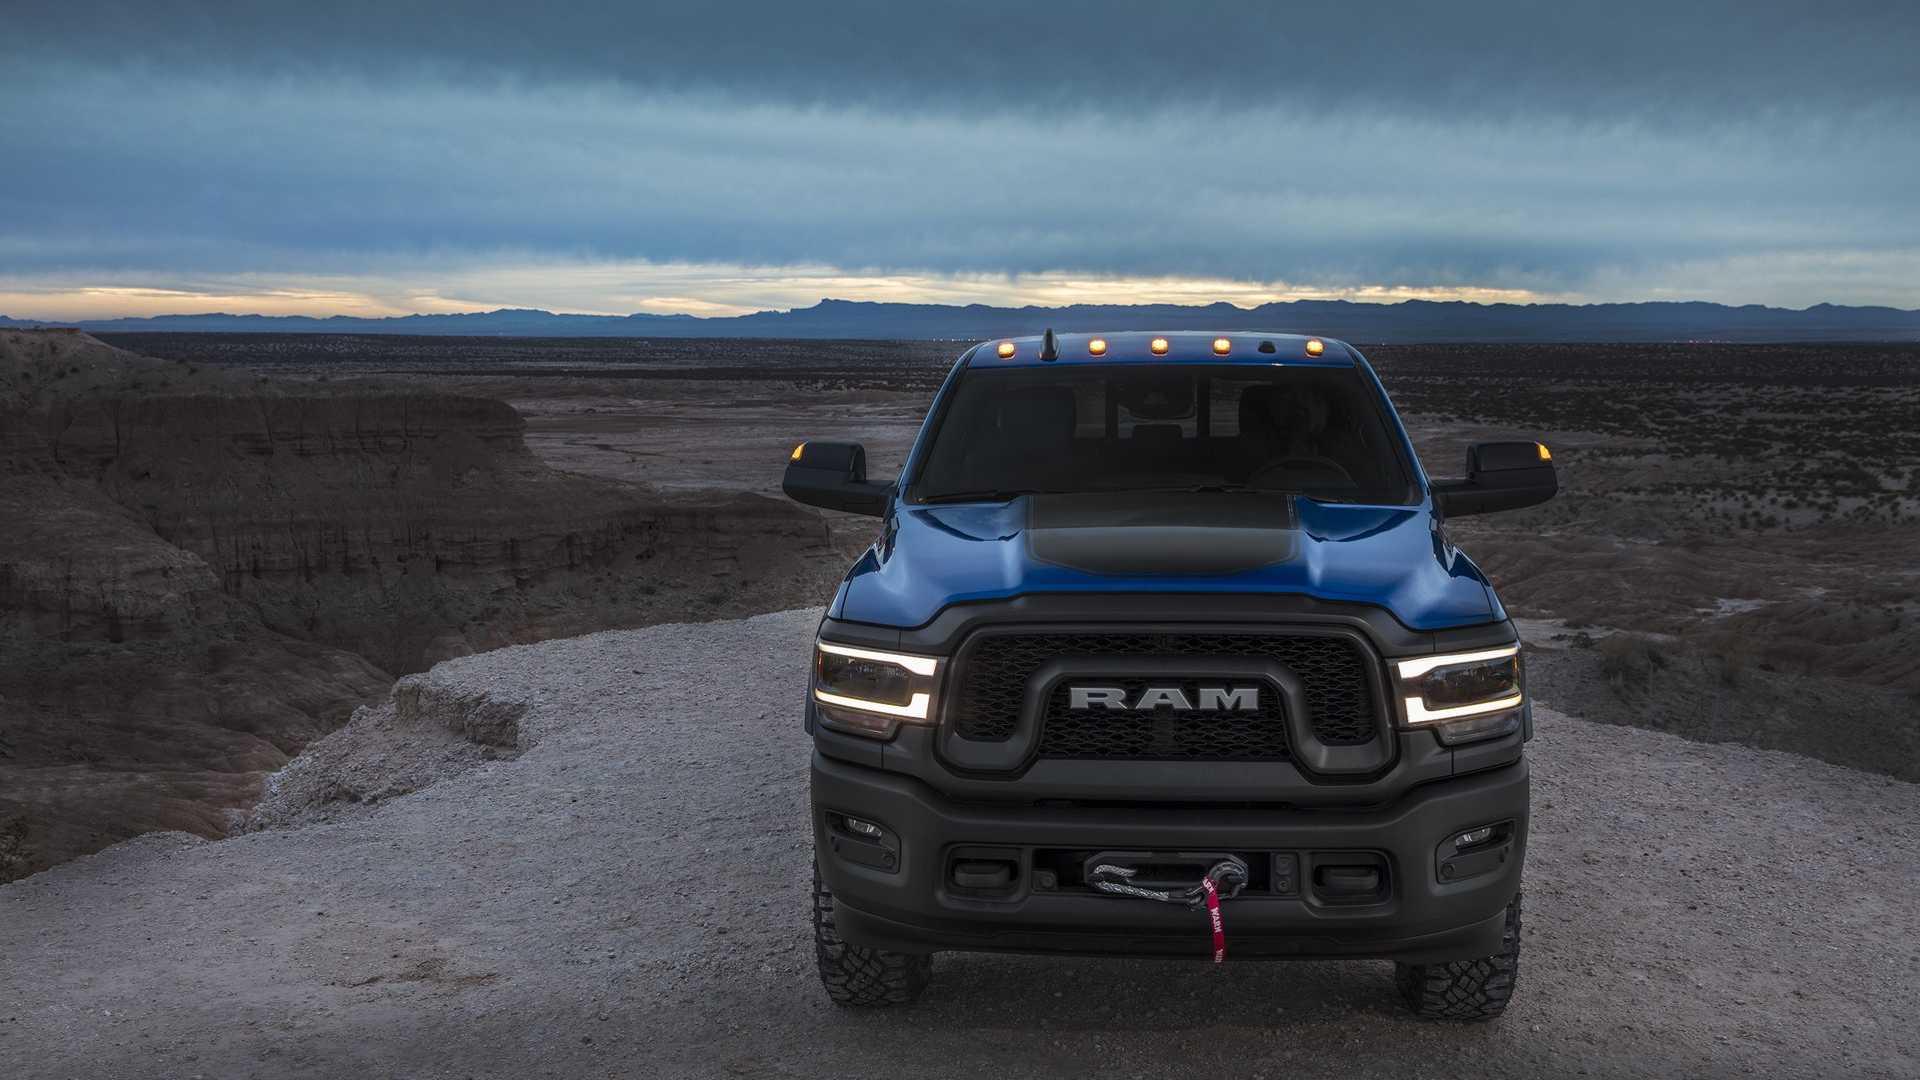 2019-ram-heavy-duty-exterior (66)